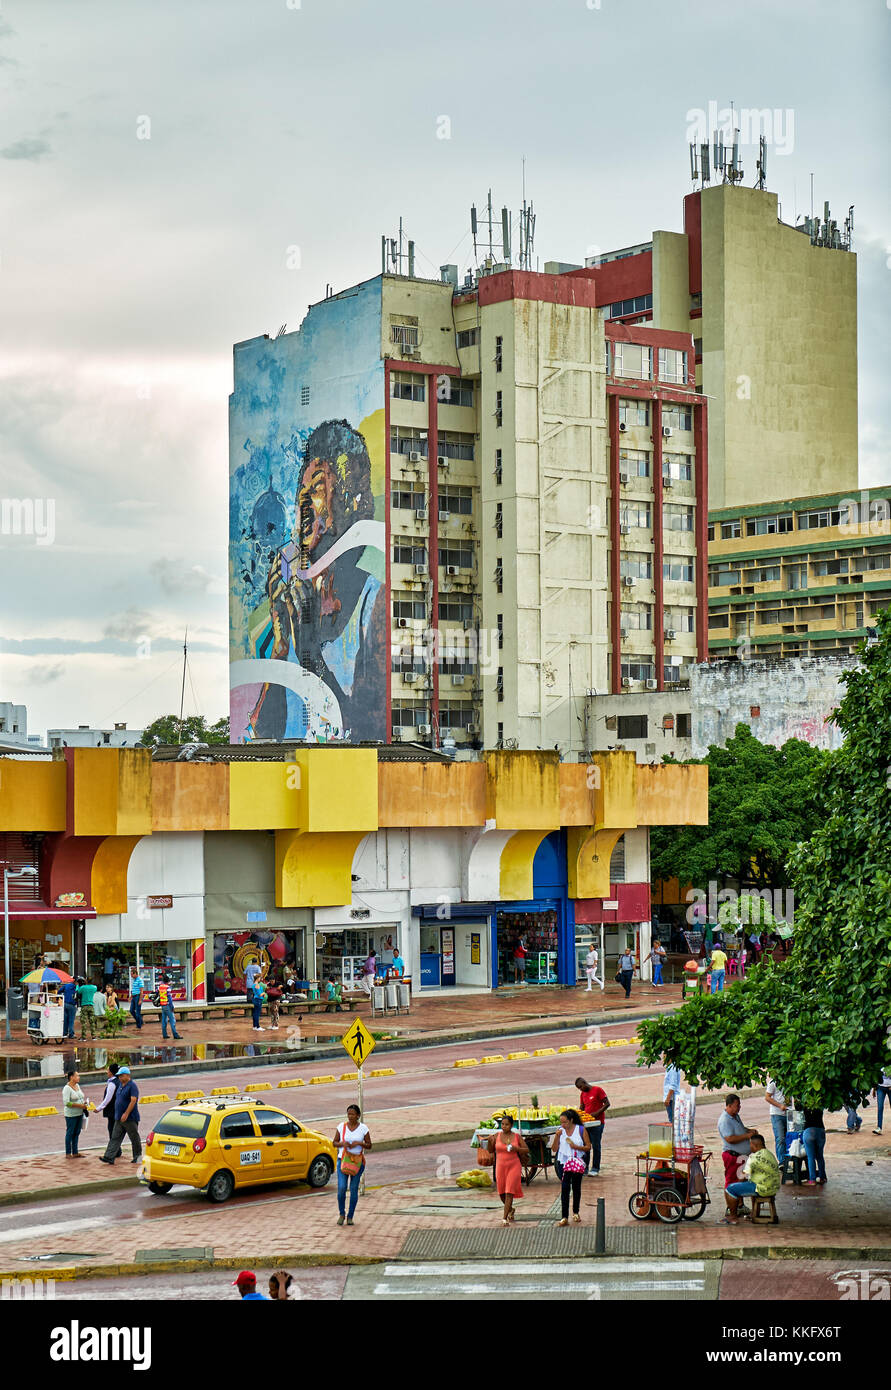 Cartagena de Indias, Verfügbare, Suedamerika |, Cartagena de Indias, Kolumbien, Südamerika | Stockbild